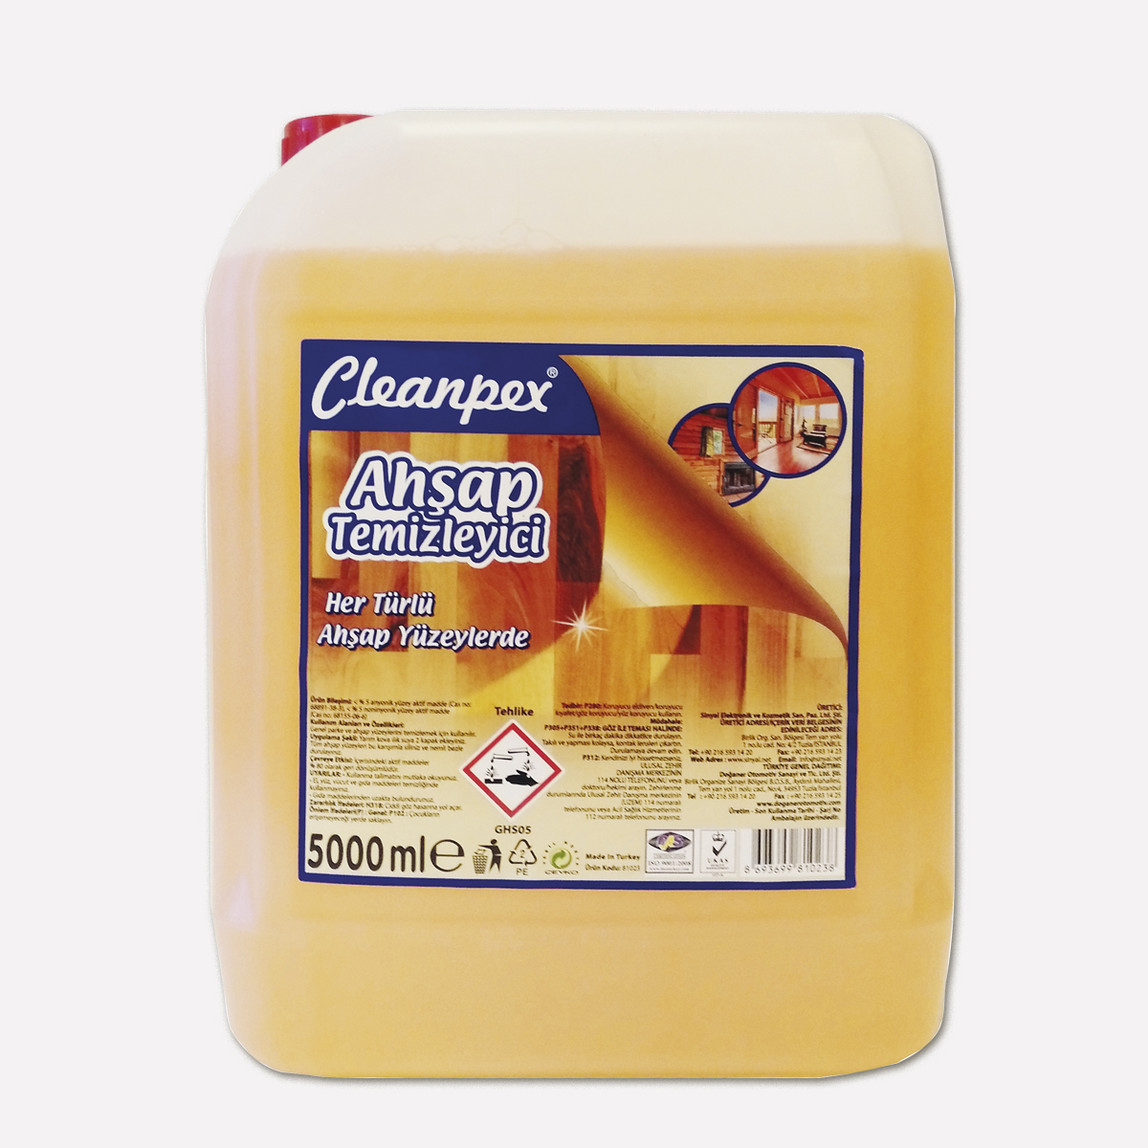 Cleanpex Ahşap Temizleyici 5 lt